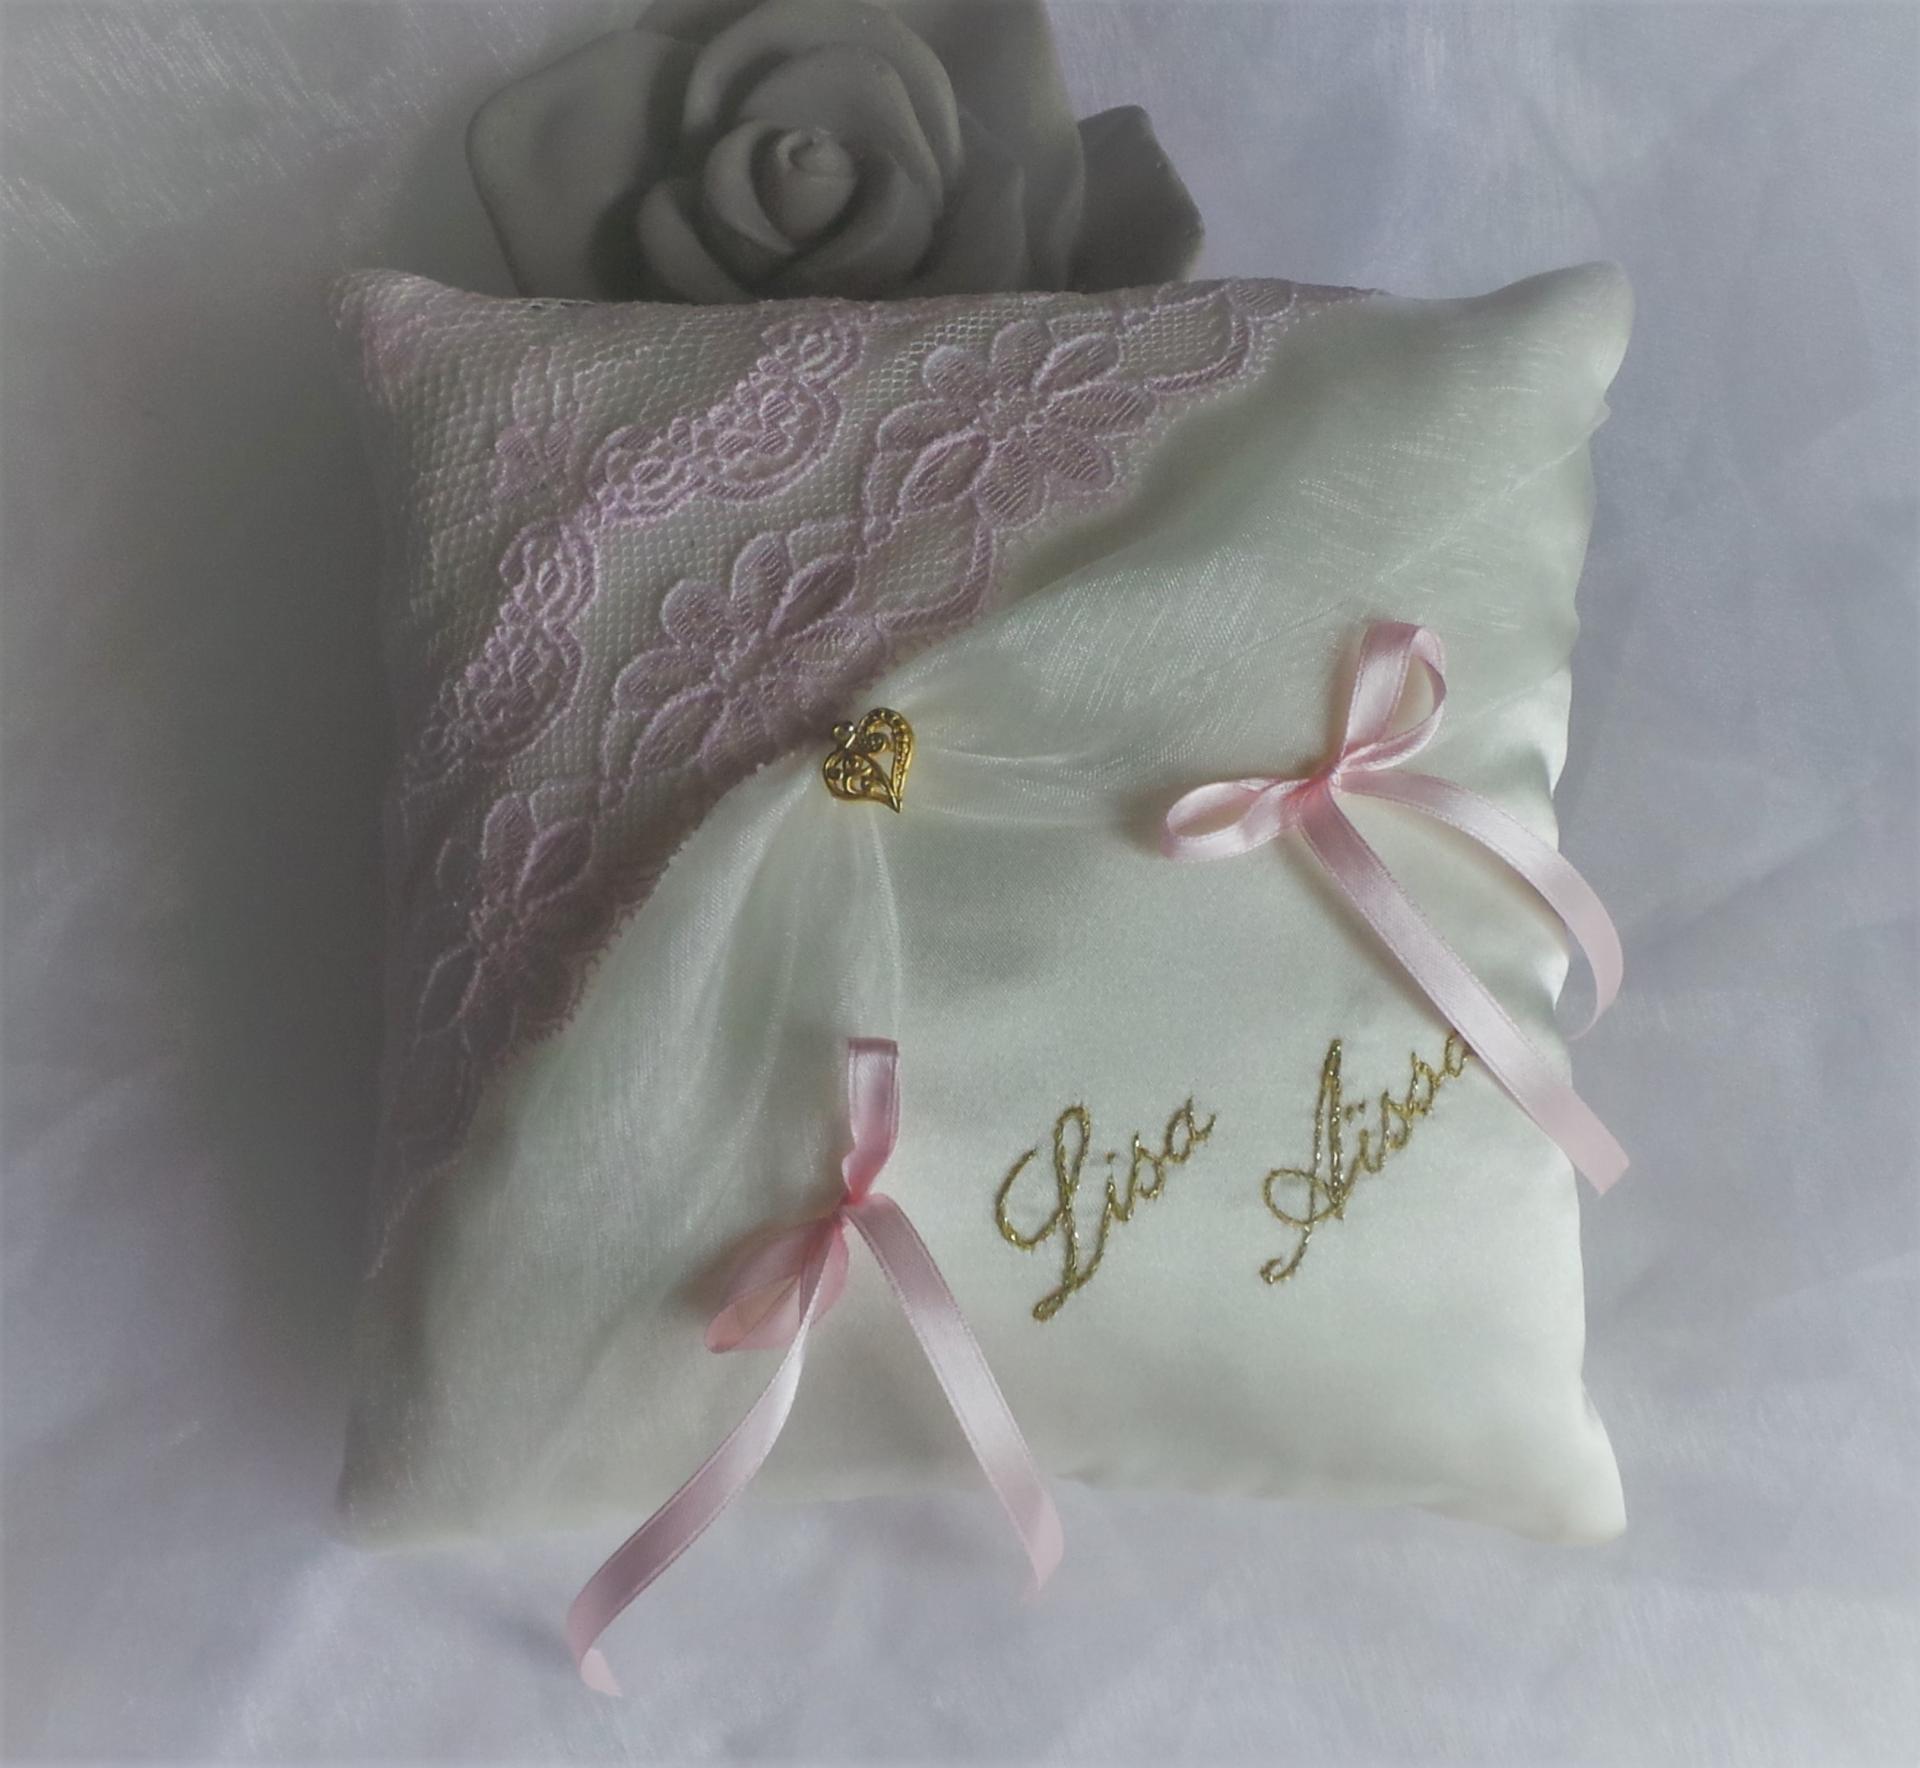 Coussin mariage chic dentelle ivoire rose pale poudre 17 1